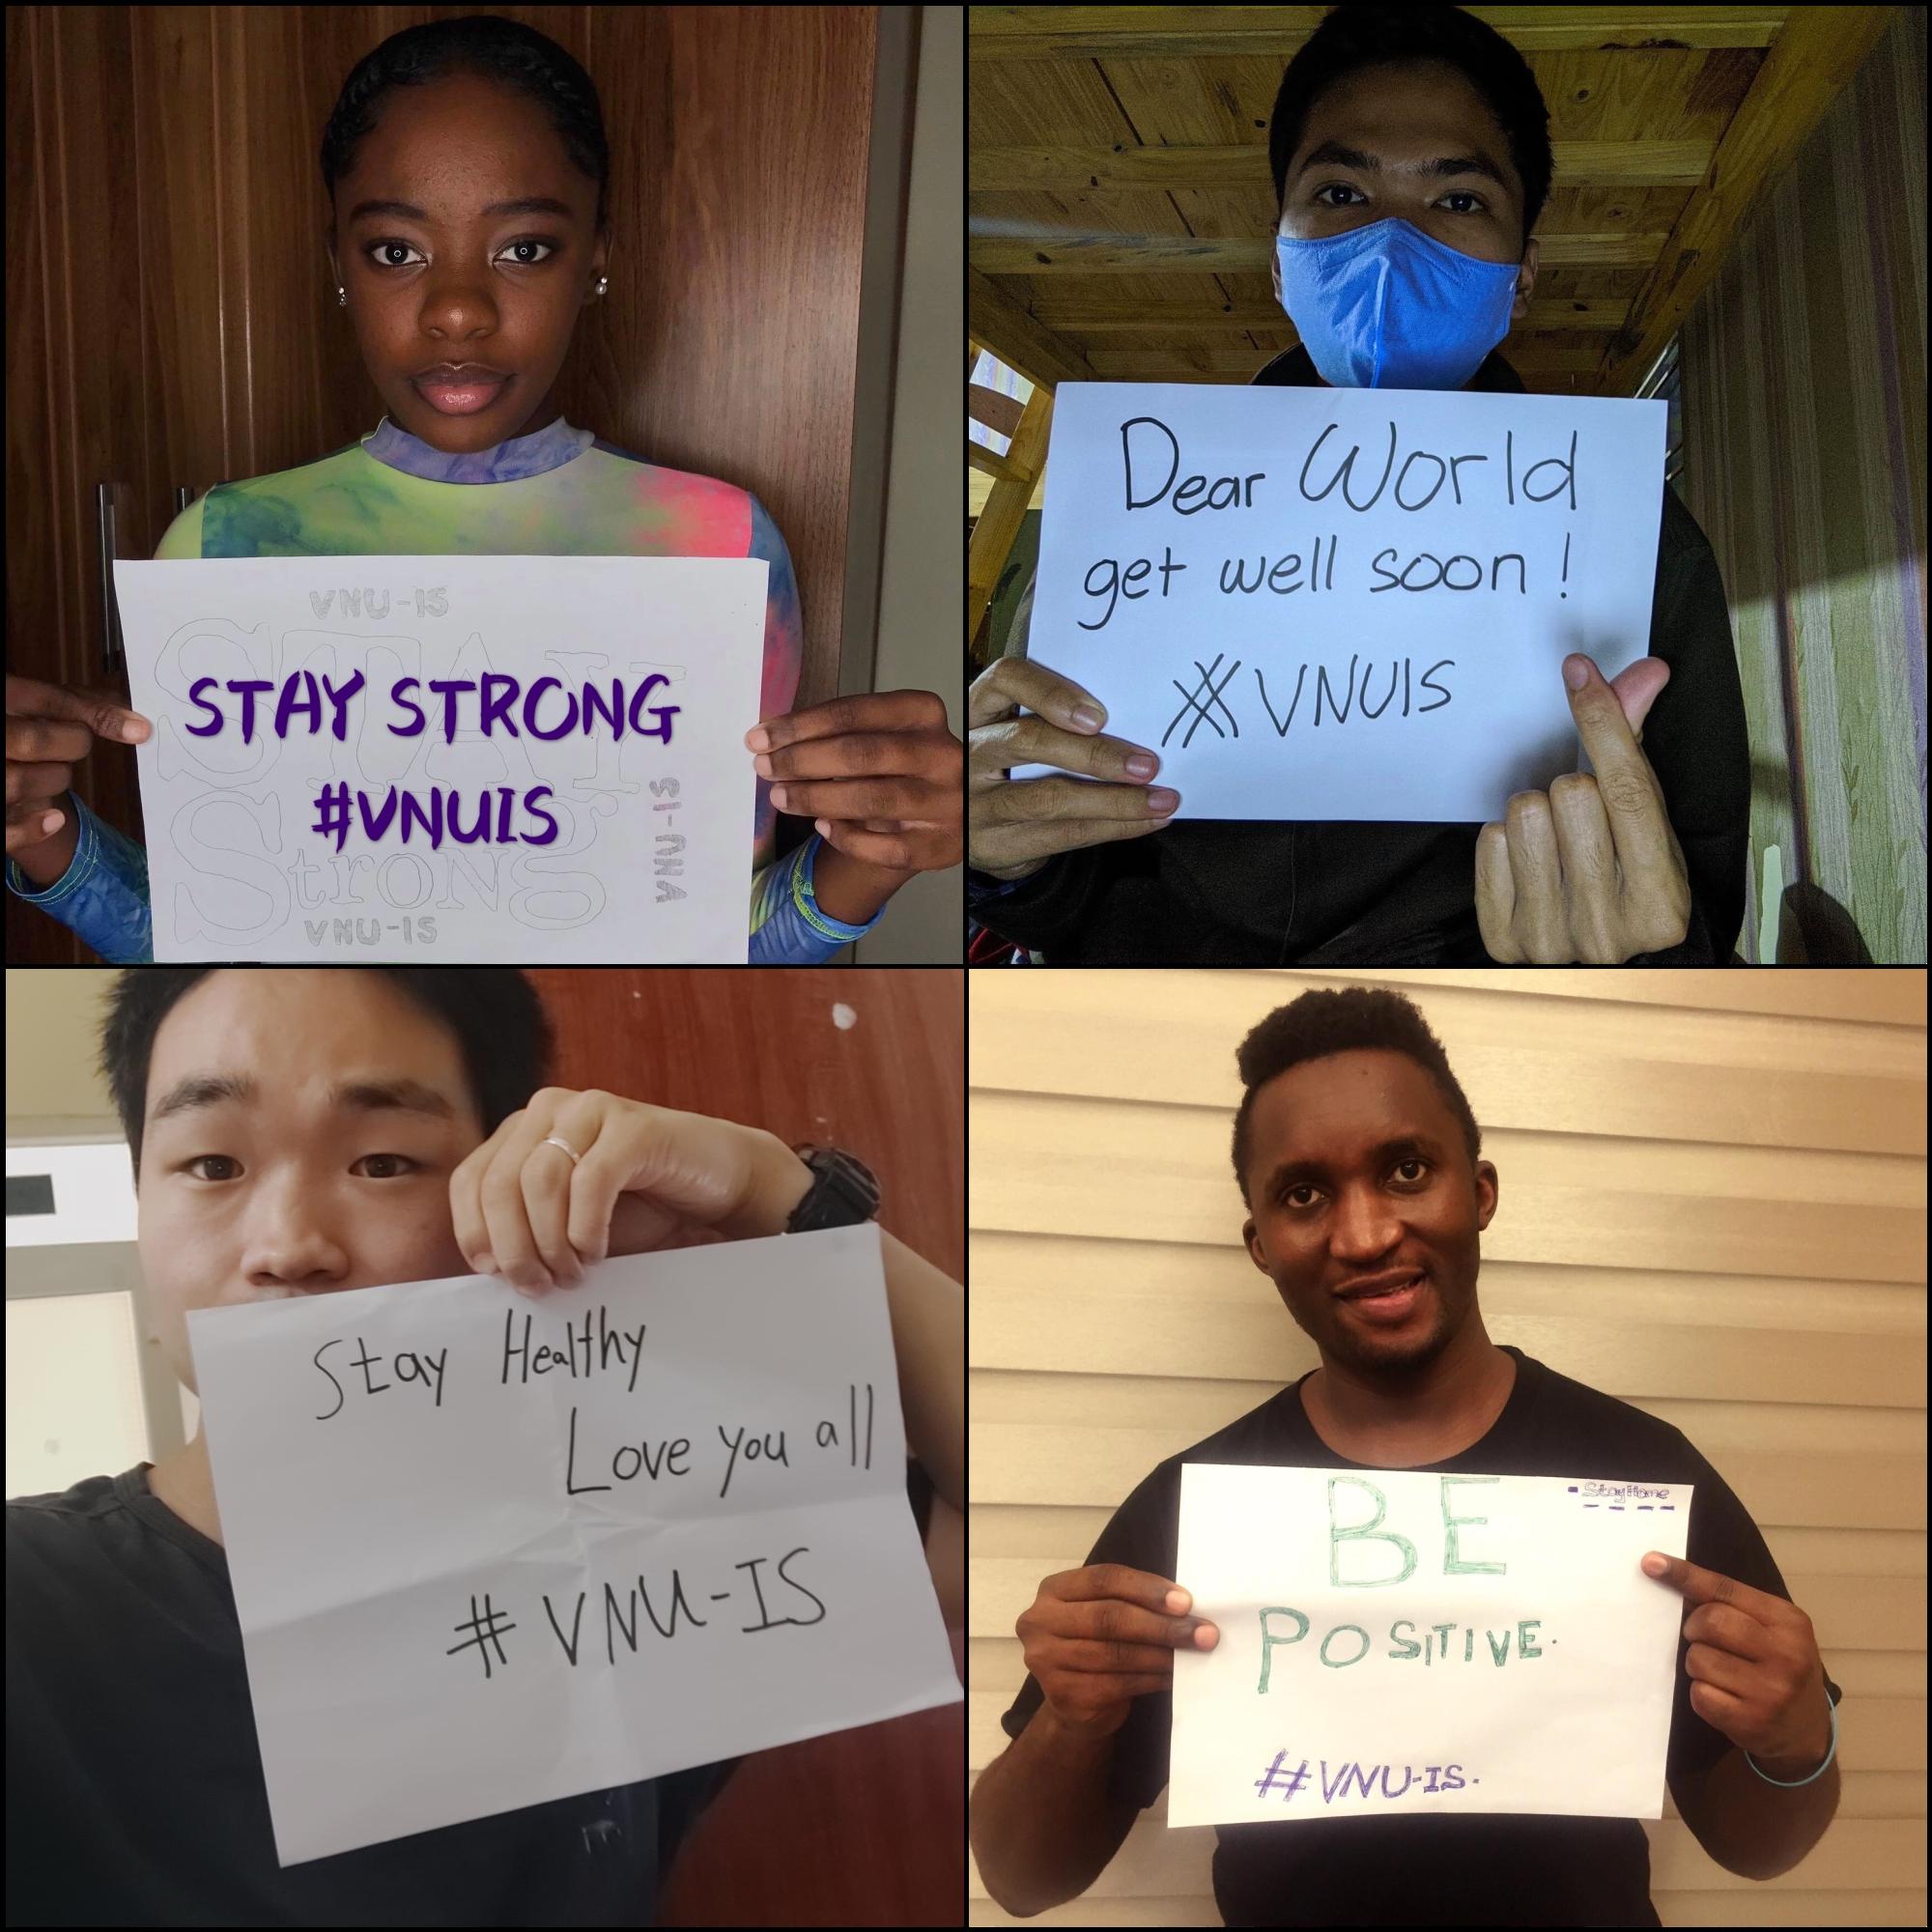 Sinh viên quốc tế lan toả thông điệp tích cực trong những ngày cách ly | Ảnh: VNU-IS